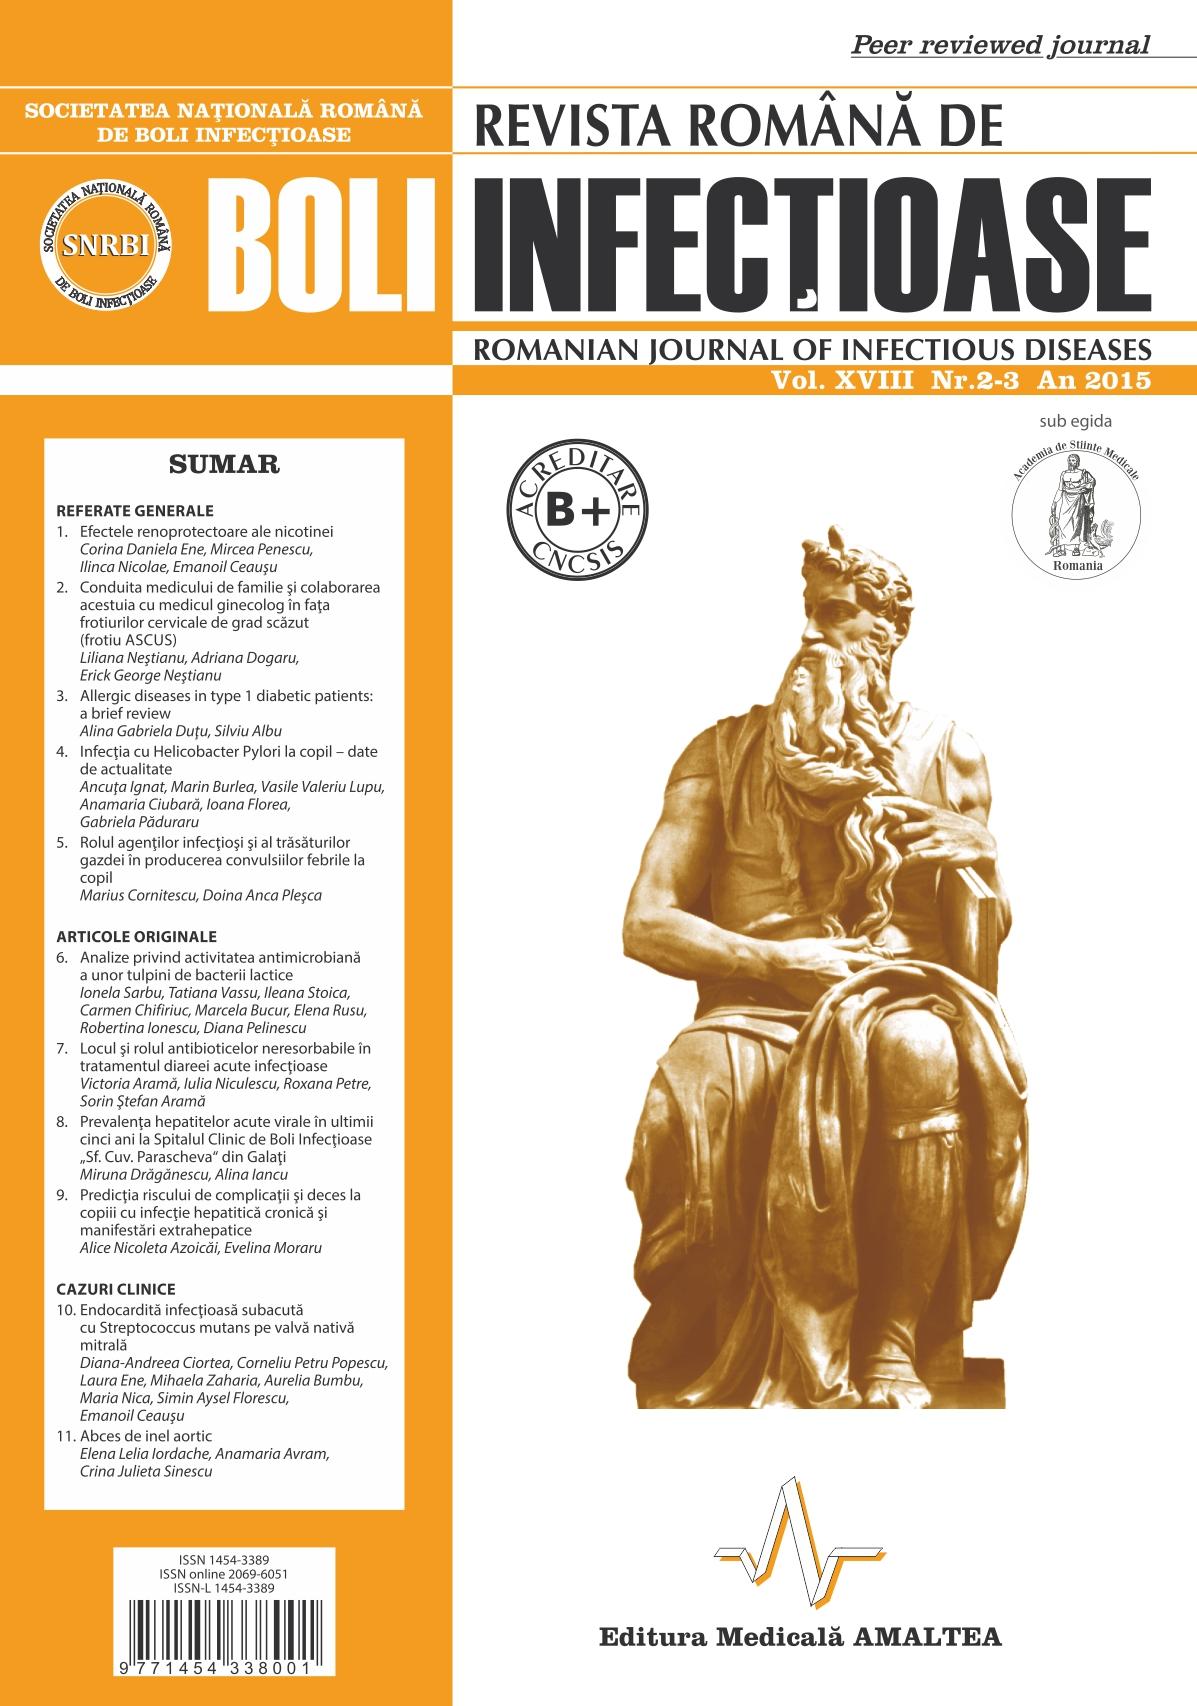 Revista Romana de Boli Infectioase | Vol. XVIII, No. 2-3, 2015